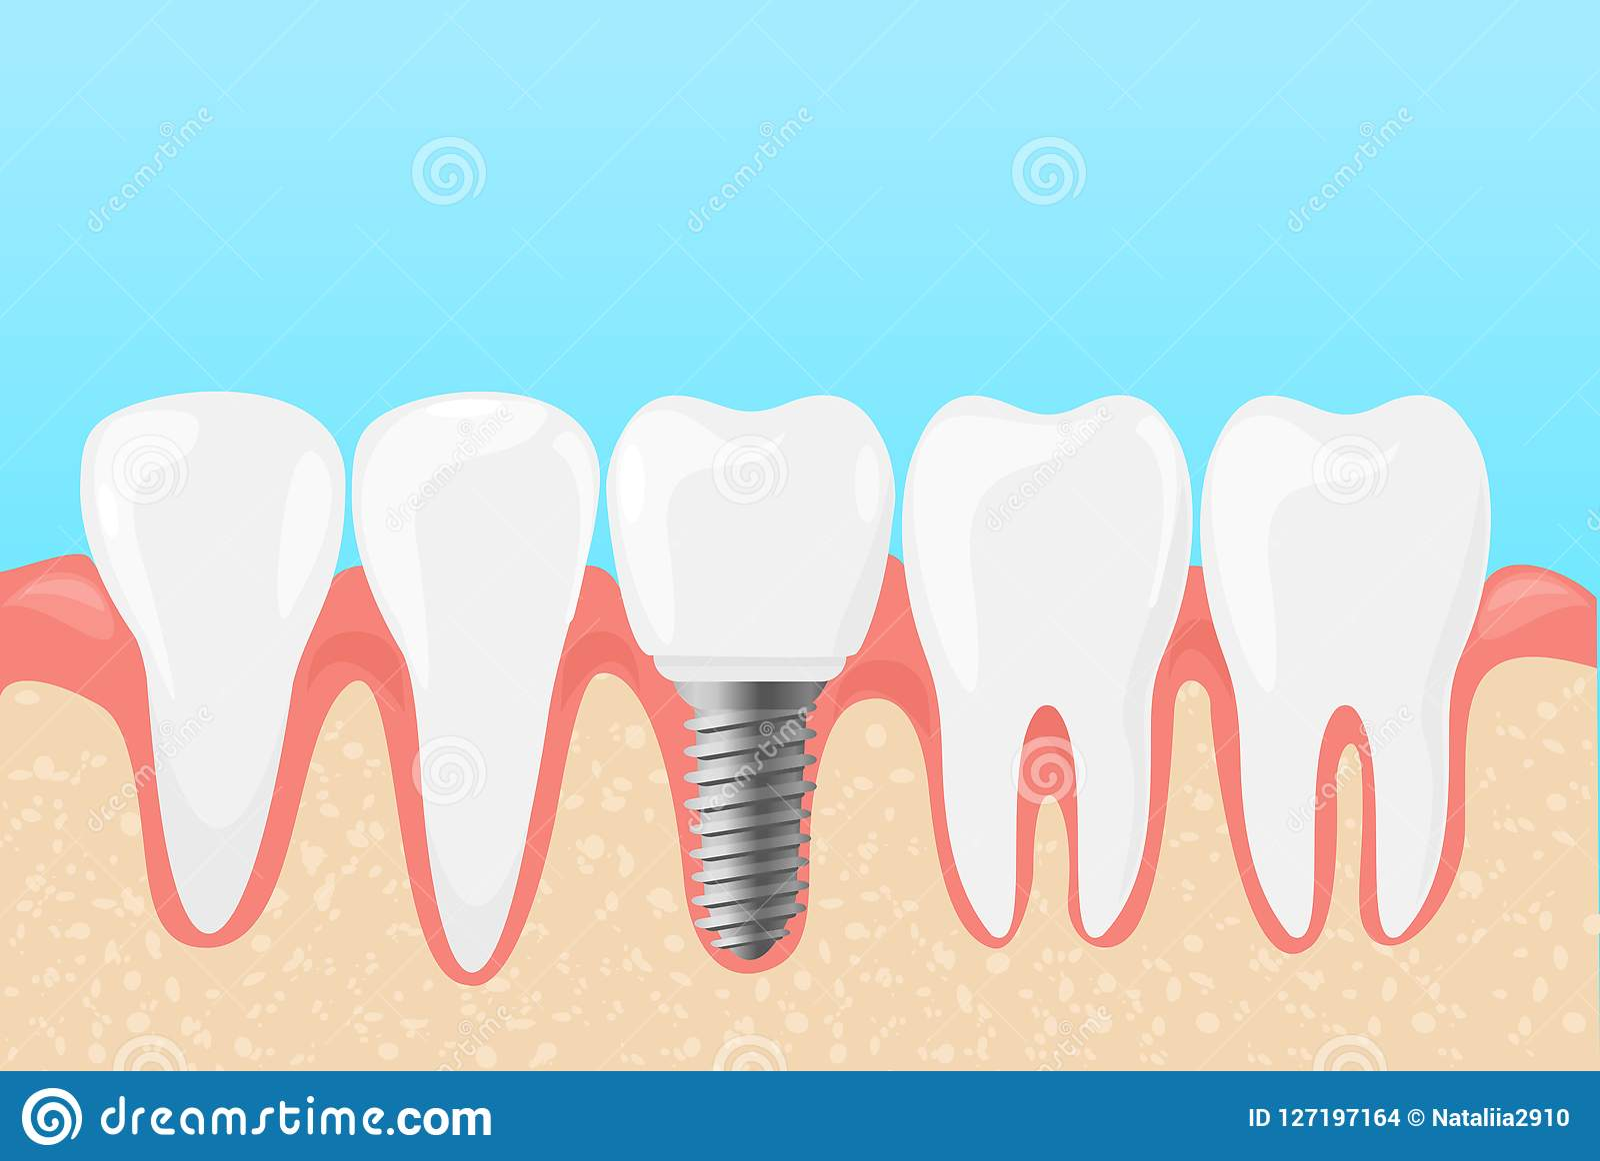 Dirigez l illustration des dents humaines et de l implant dentaire Le concept de dentistes de médecine des dents s inquiètent dan